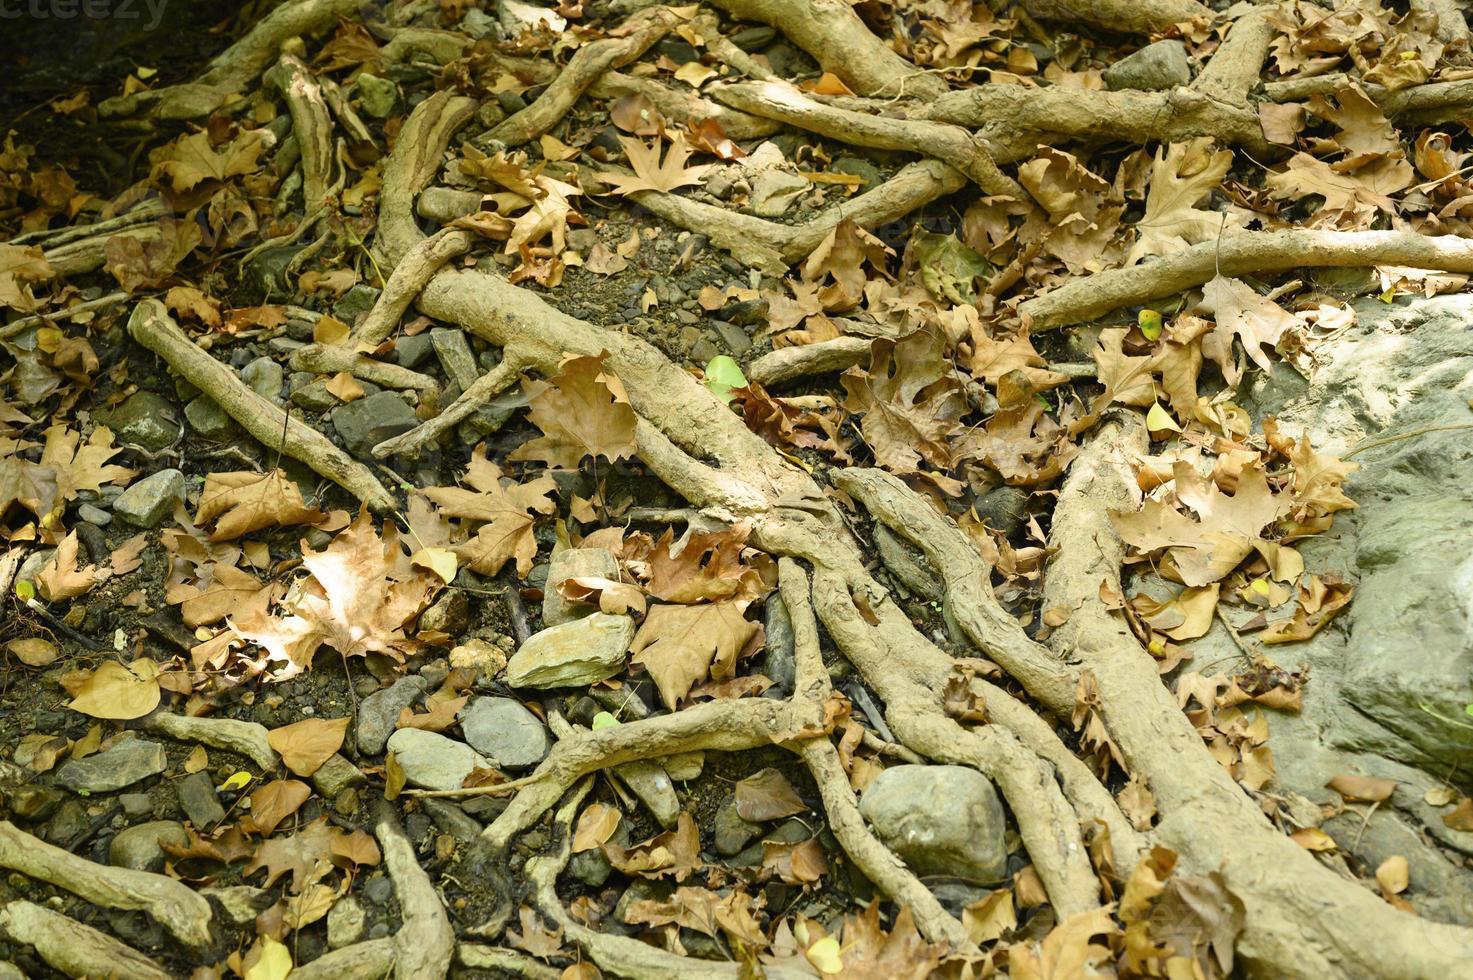 radici nude degli alberi che sporgono dal terreno in scogliere rocciose e foglie cadute in autunno foto